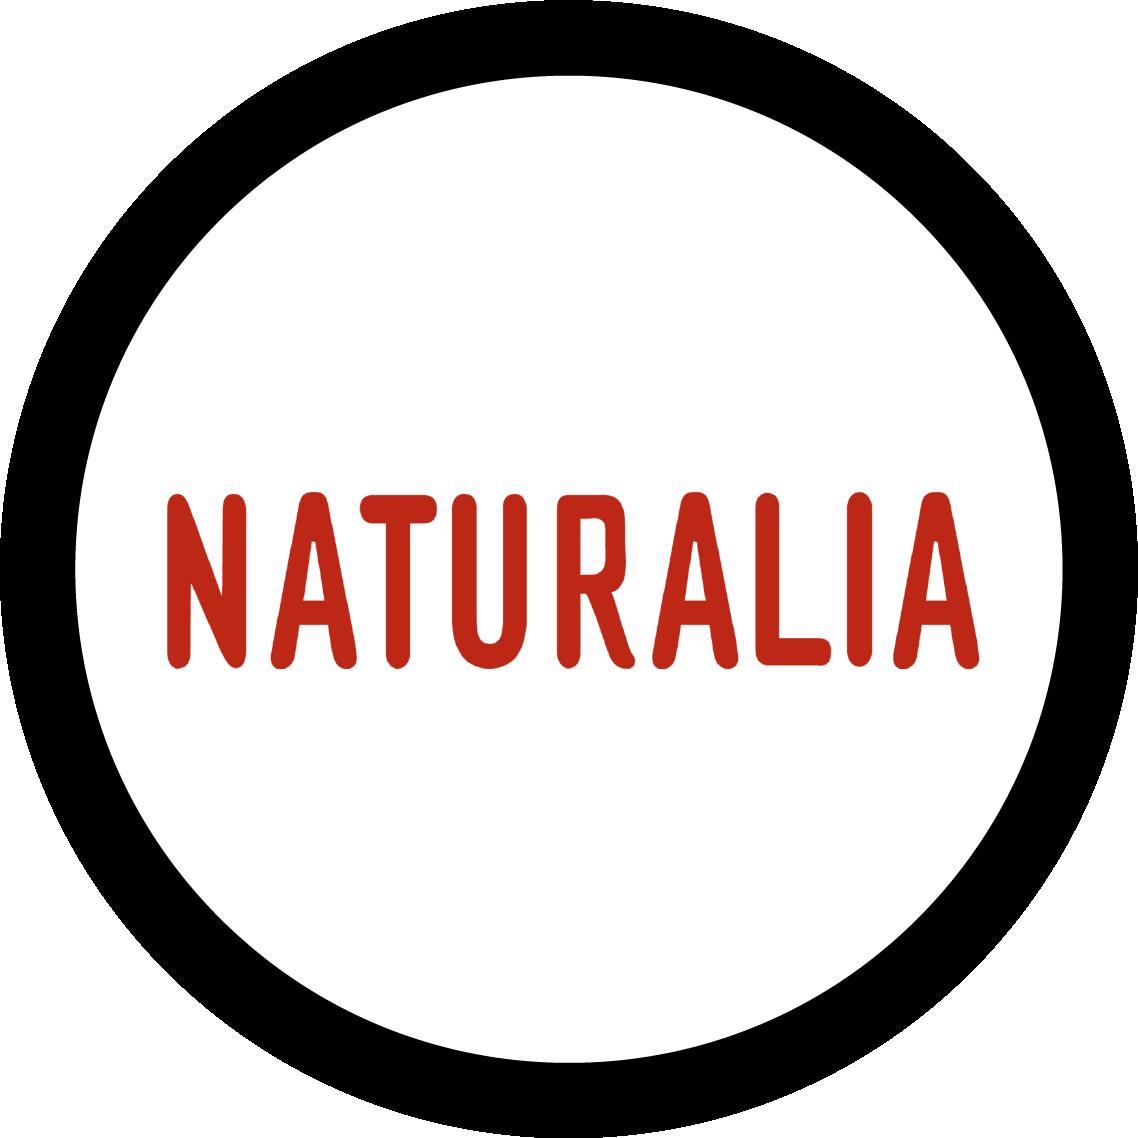 Naturalia, (Open on Sunday's)